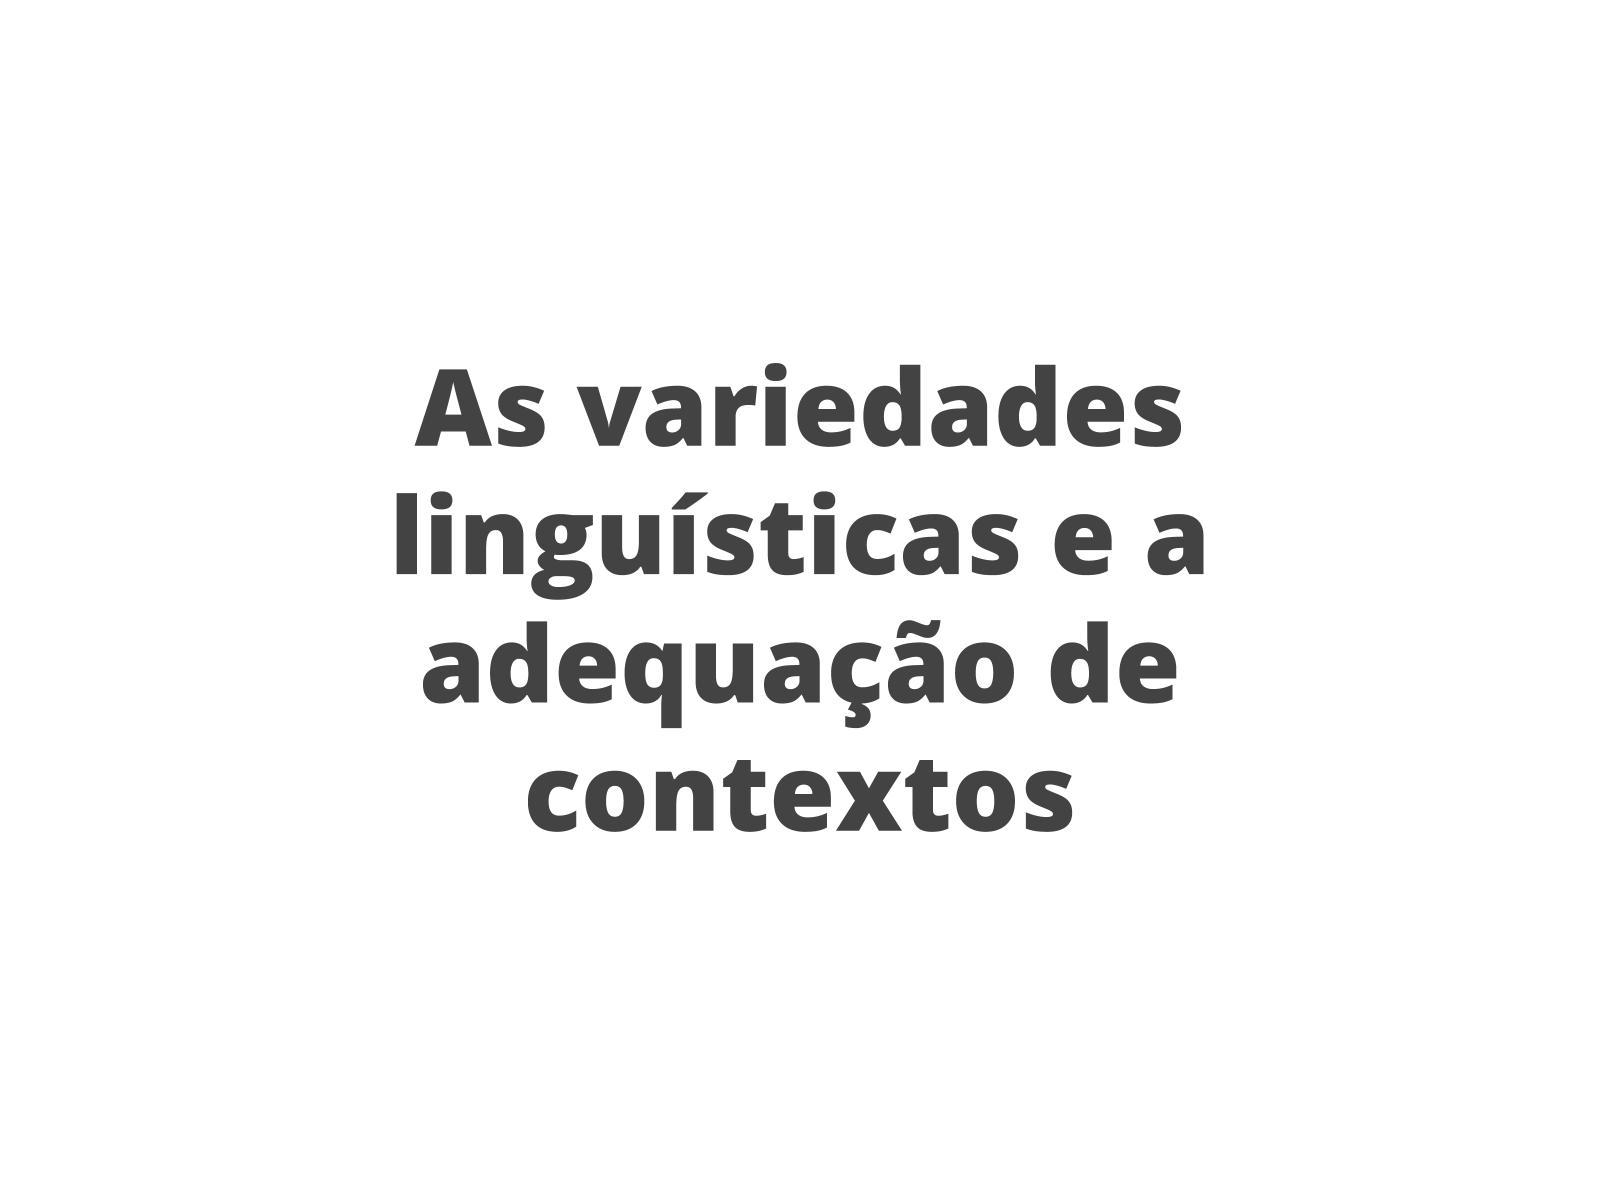 As variedades linguísticas e a adequação de contextos